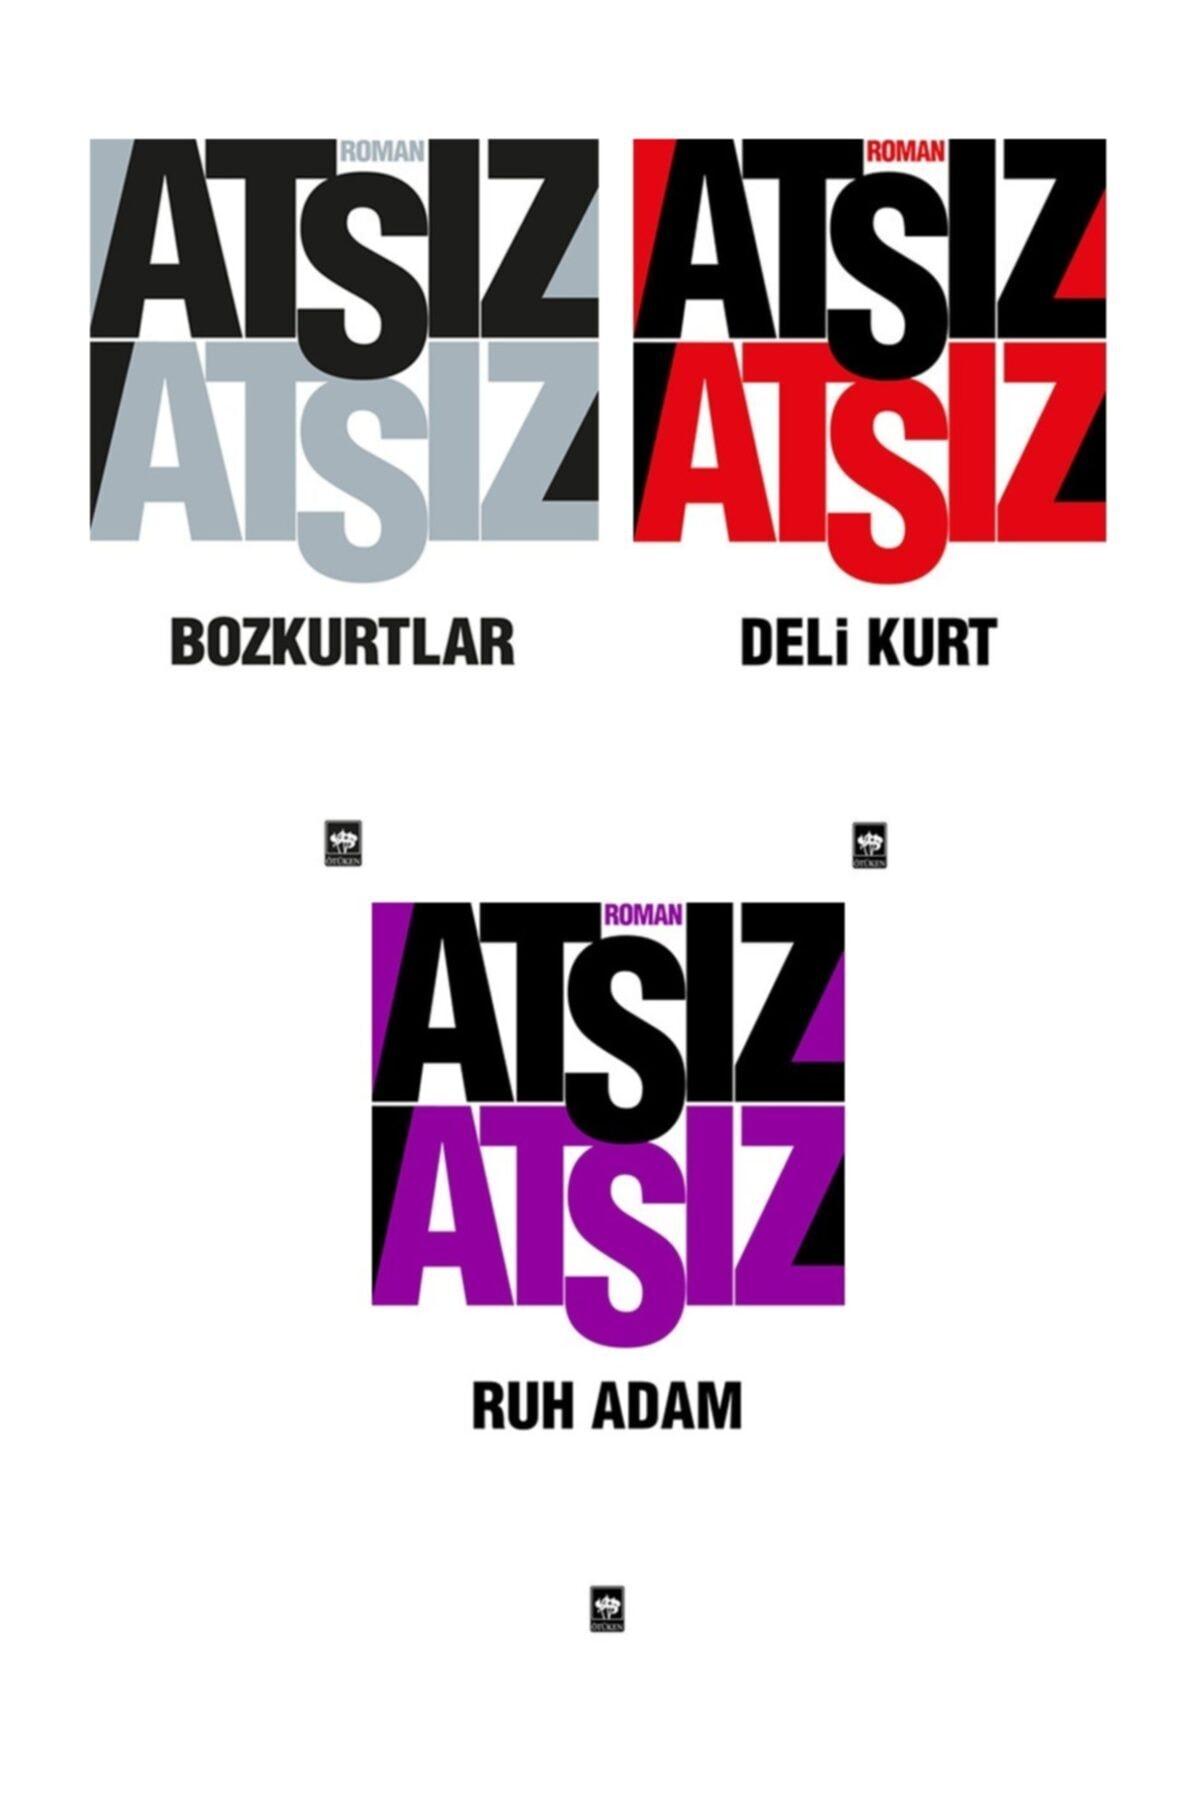 Olimpos Yayınları HÜSEYİN NİHAL ATSIZ 3'LÜ SET BOZKURTLAR- DELİ KURT-RUH ADAM 1